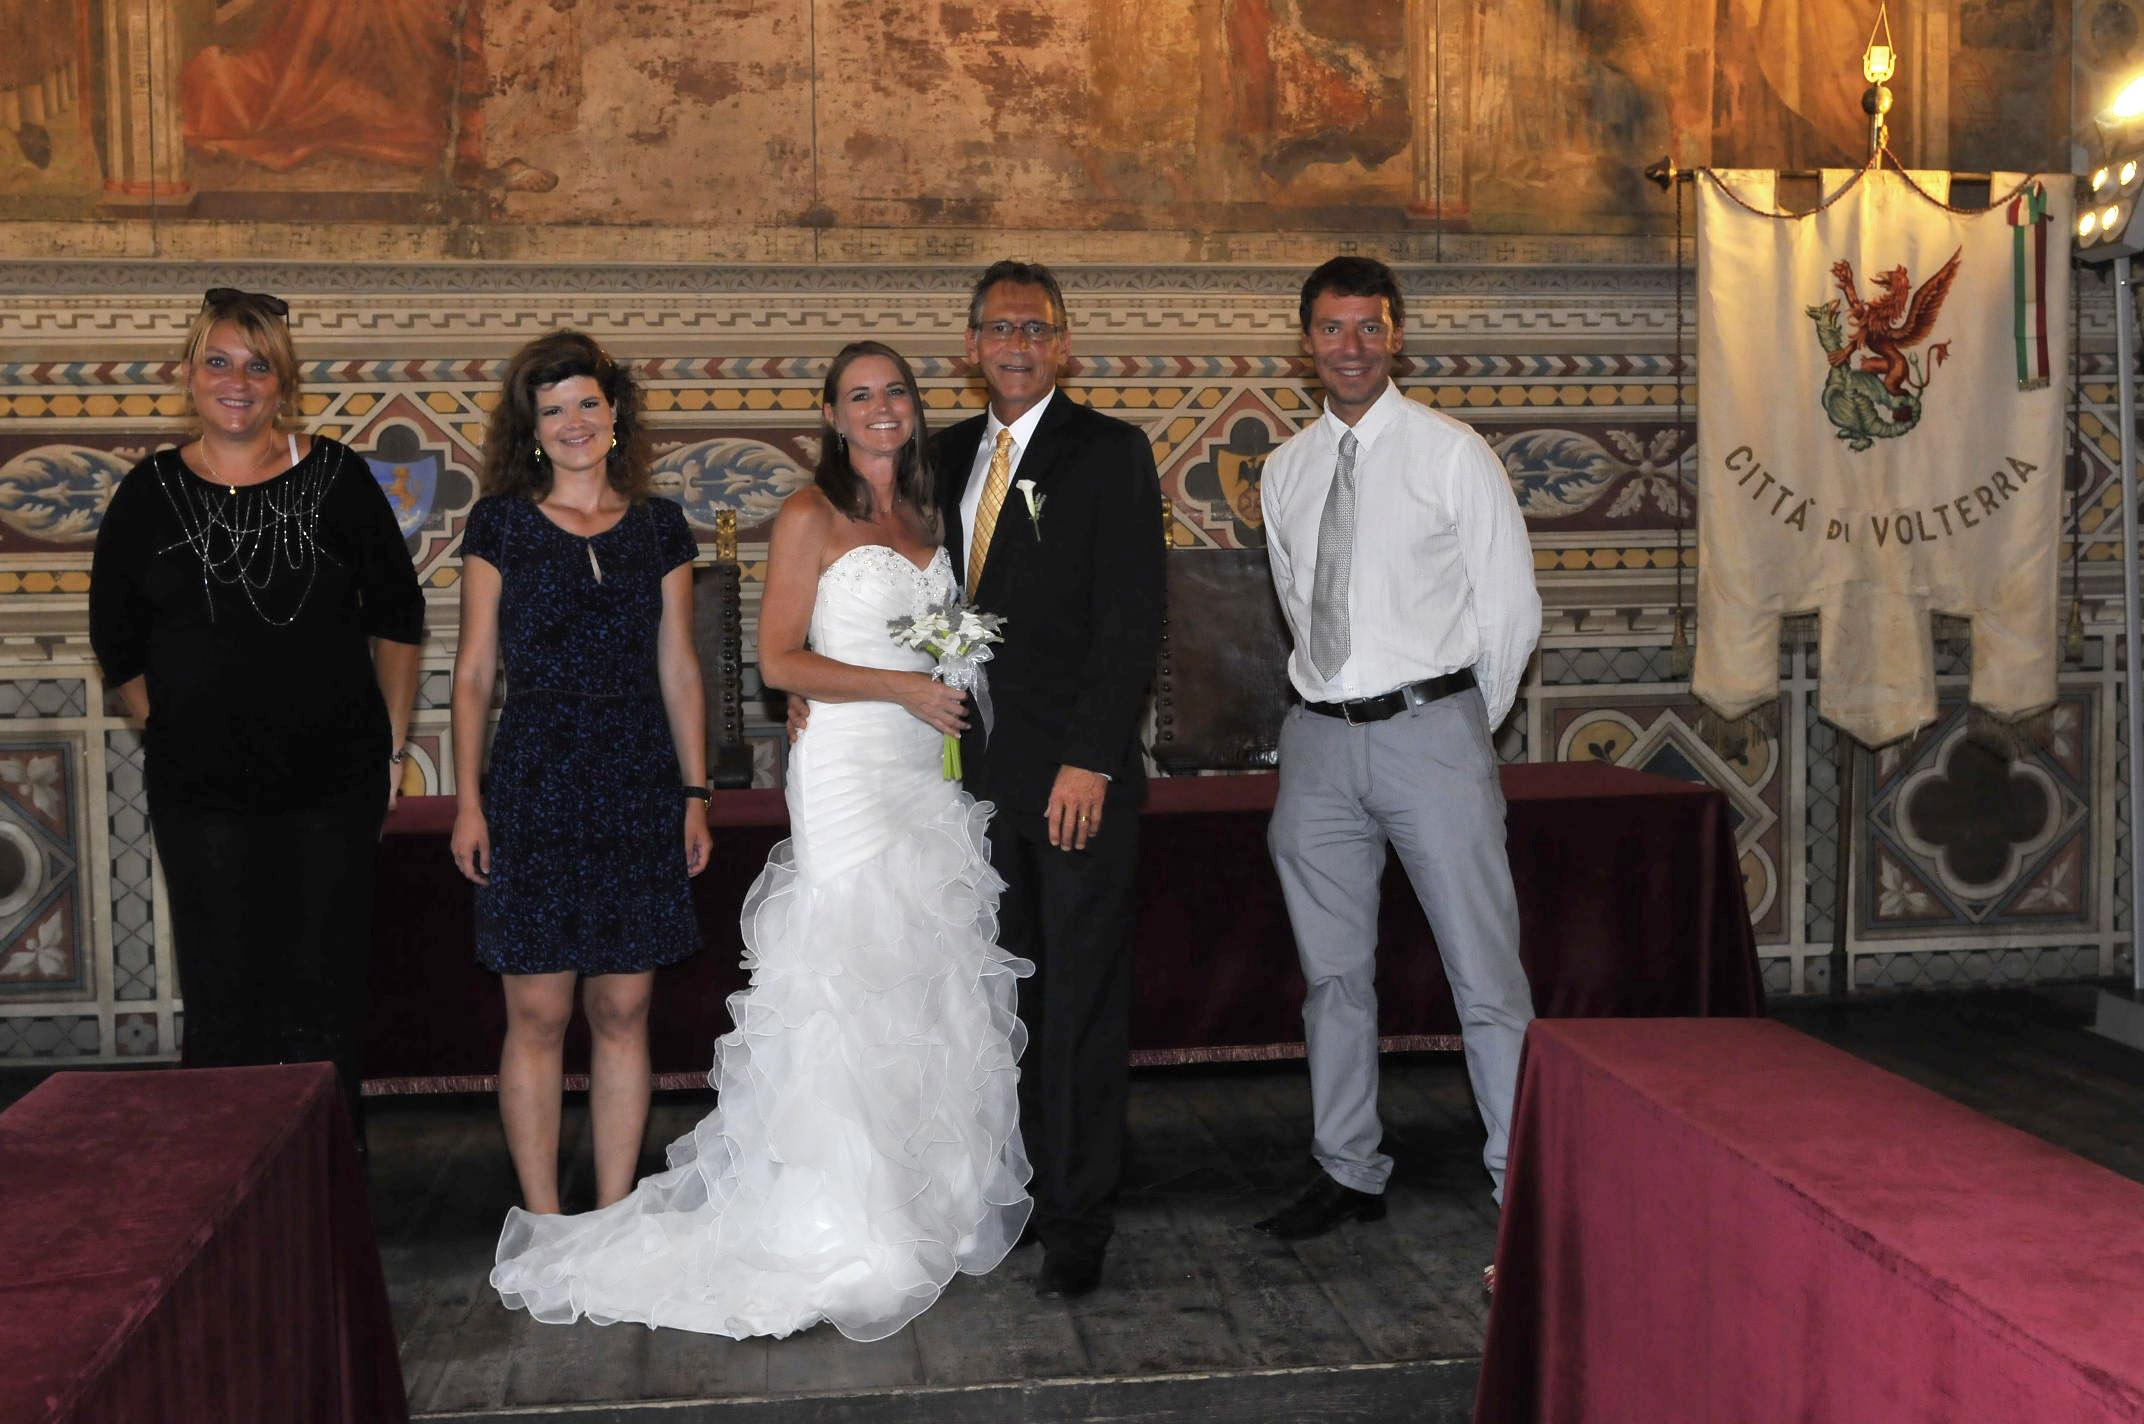 Foto oficial da cerimonia